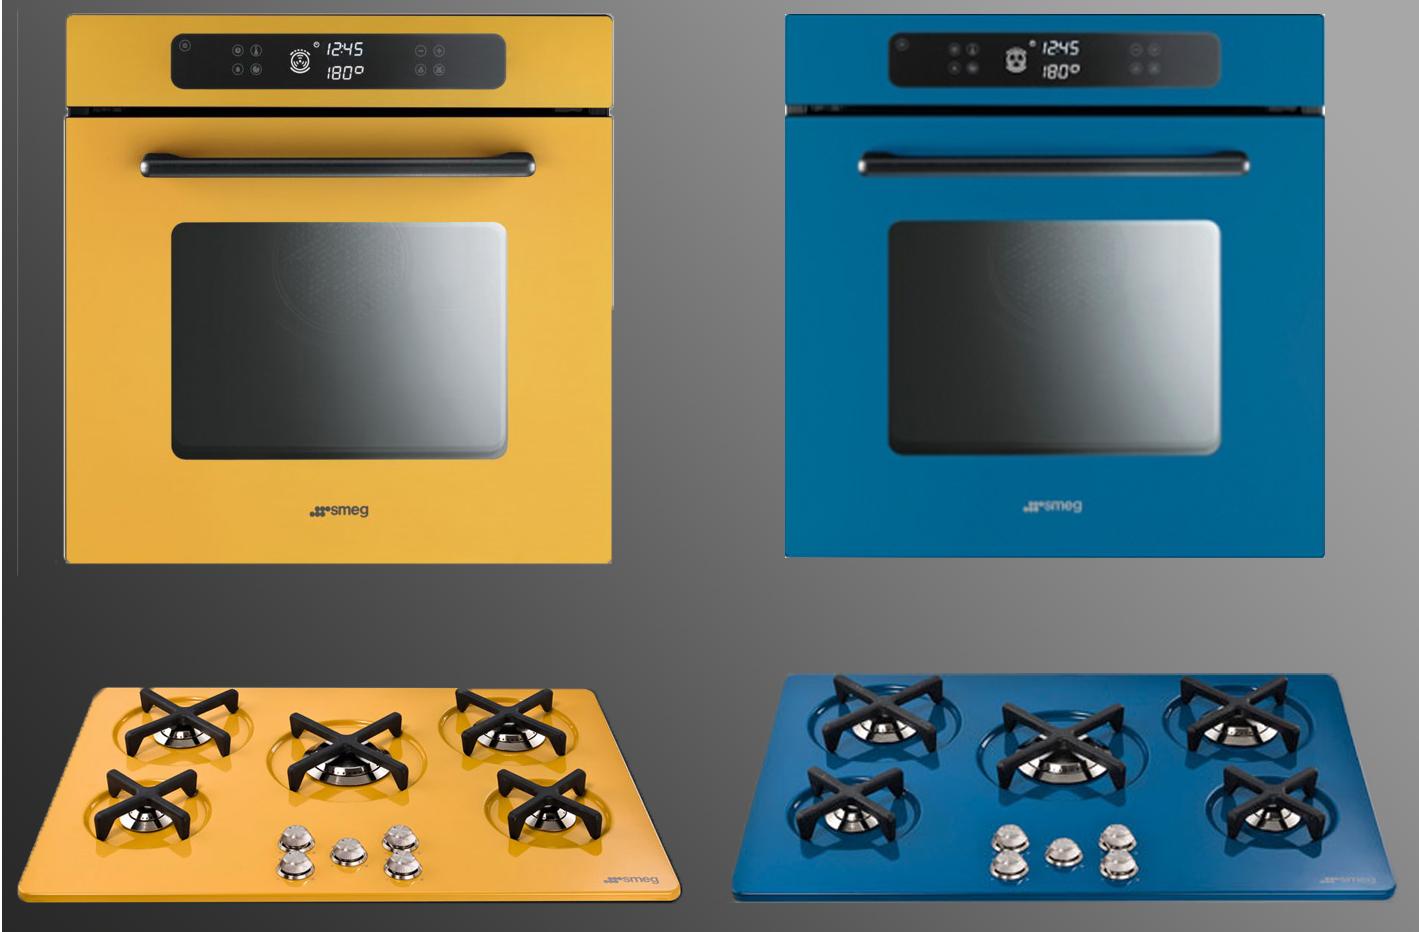 quoi de neuf pour votre cuisine architecture interieure conseil. Black Bedroom Furniture Sets. Home Design Ideas